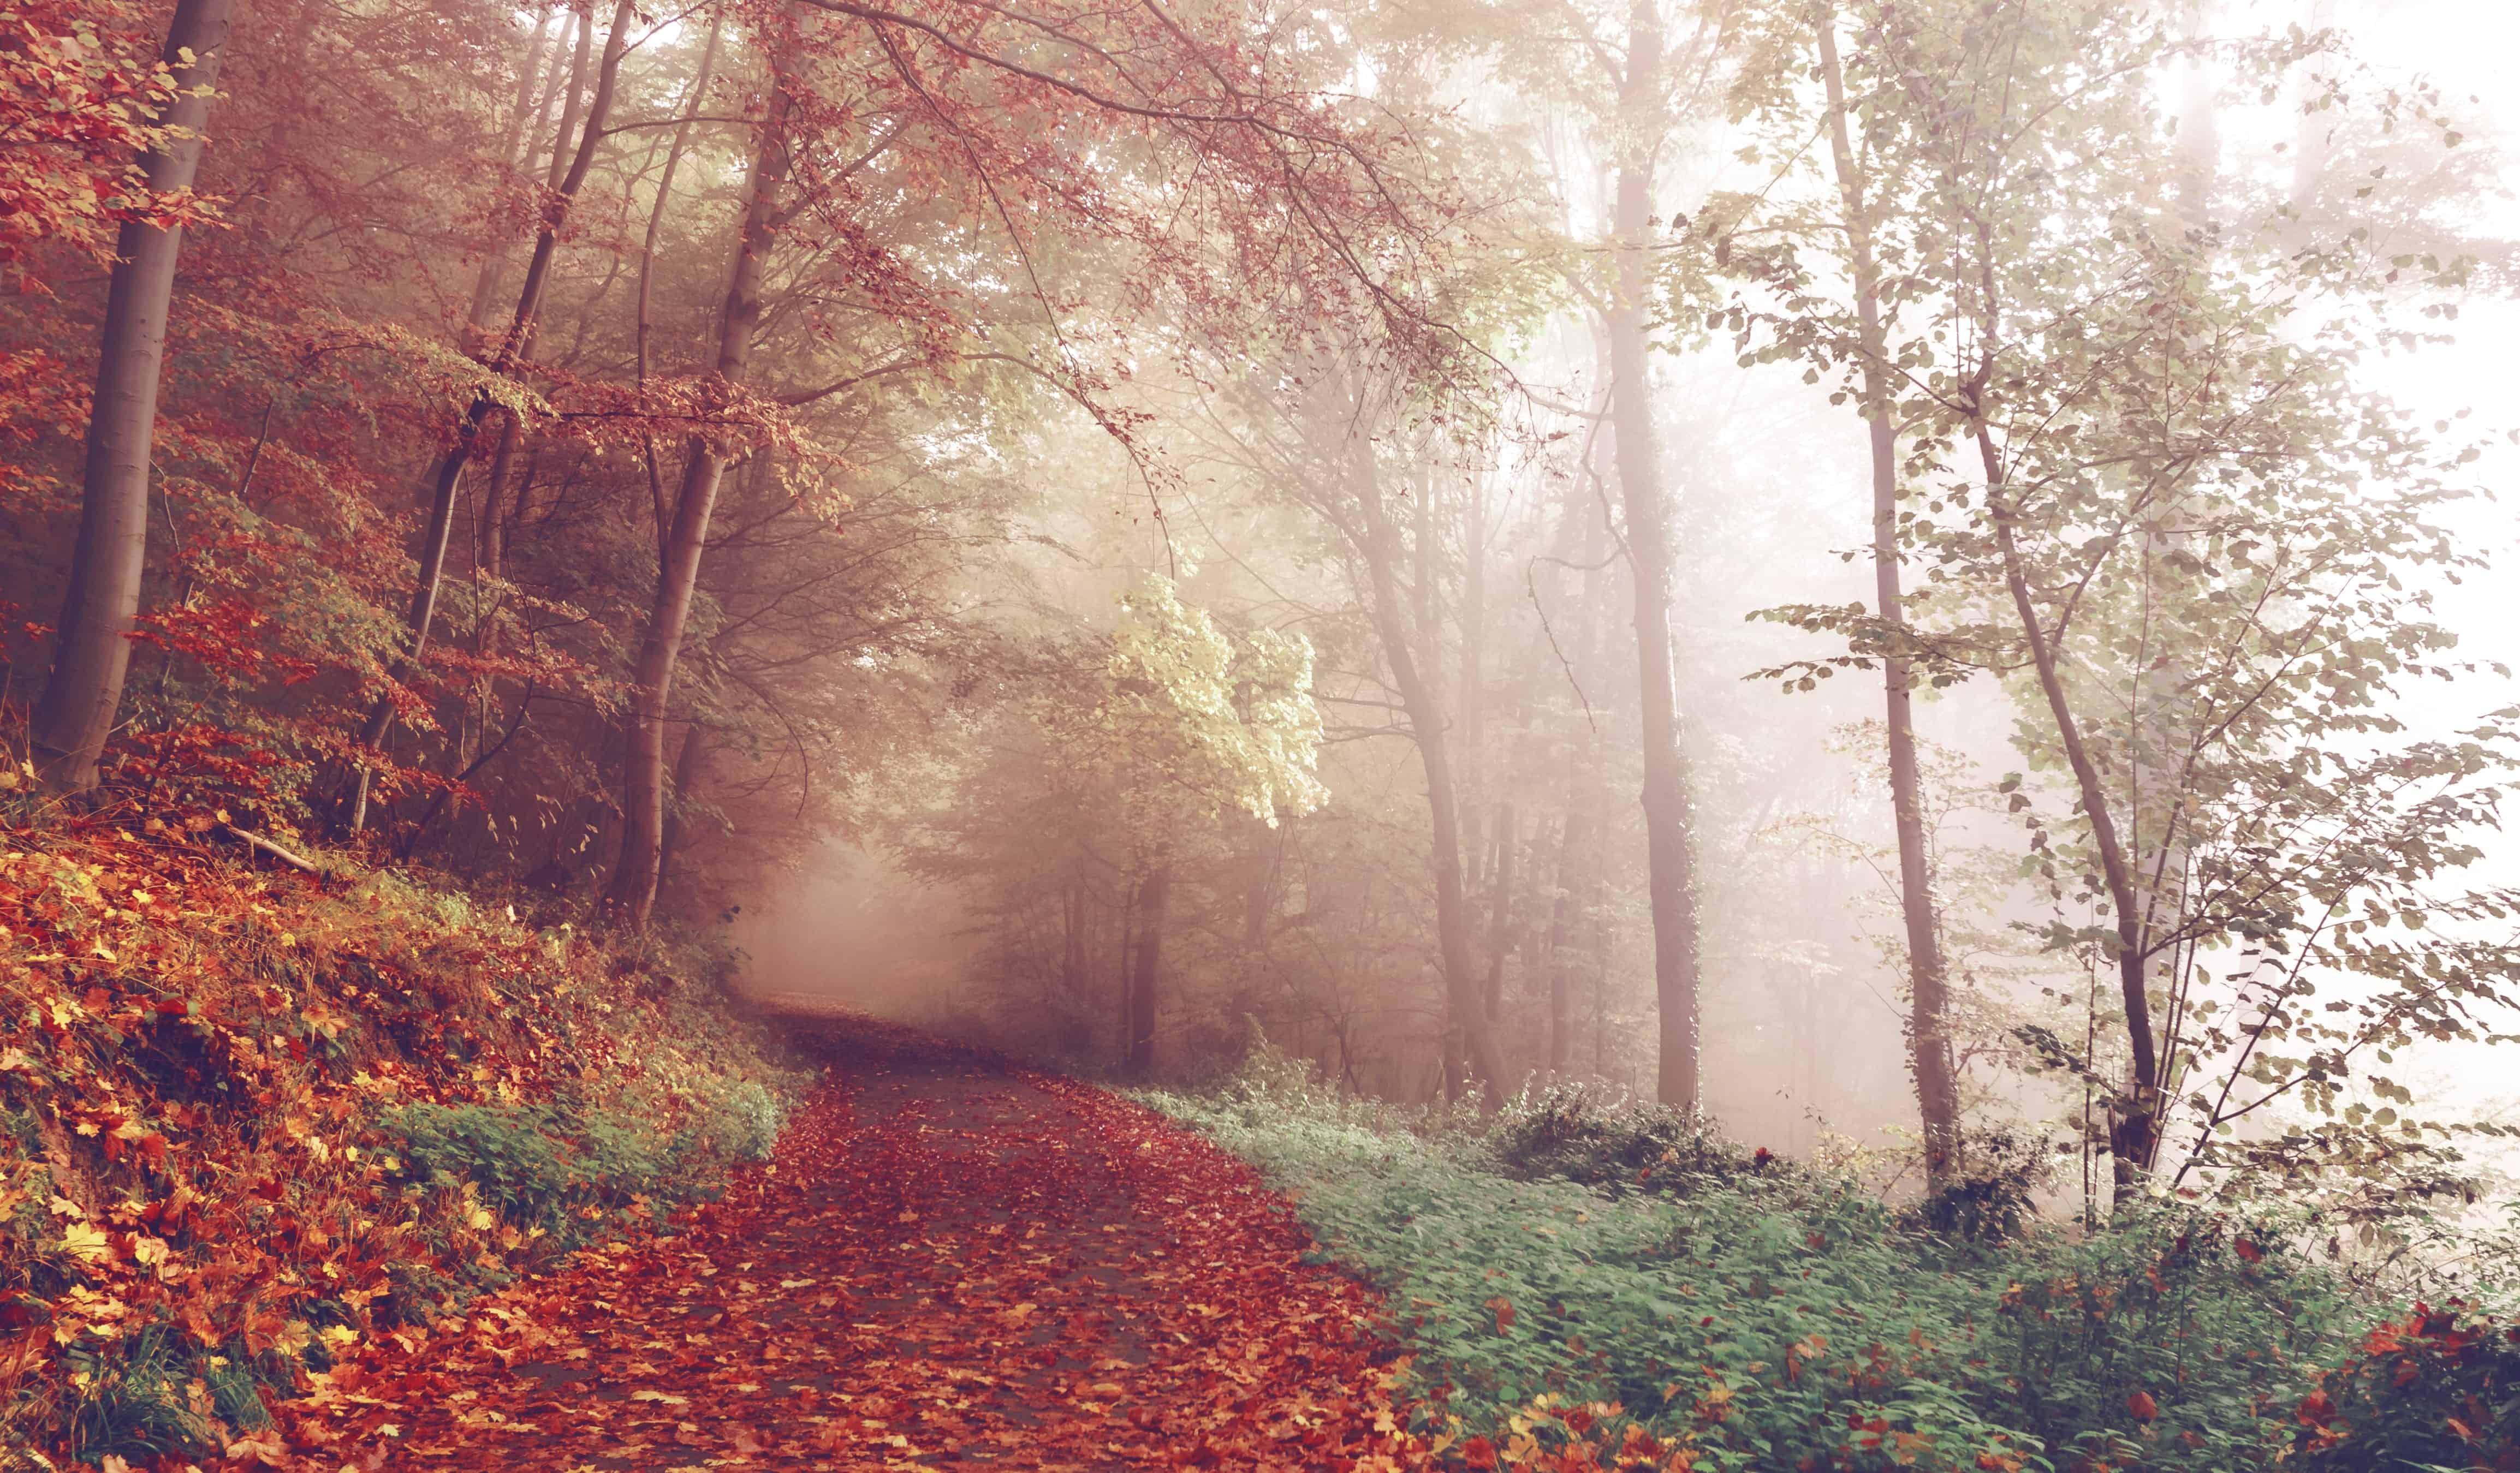 Fantasiereisen Texte kostenlos: Verzauberter Herbstwald